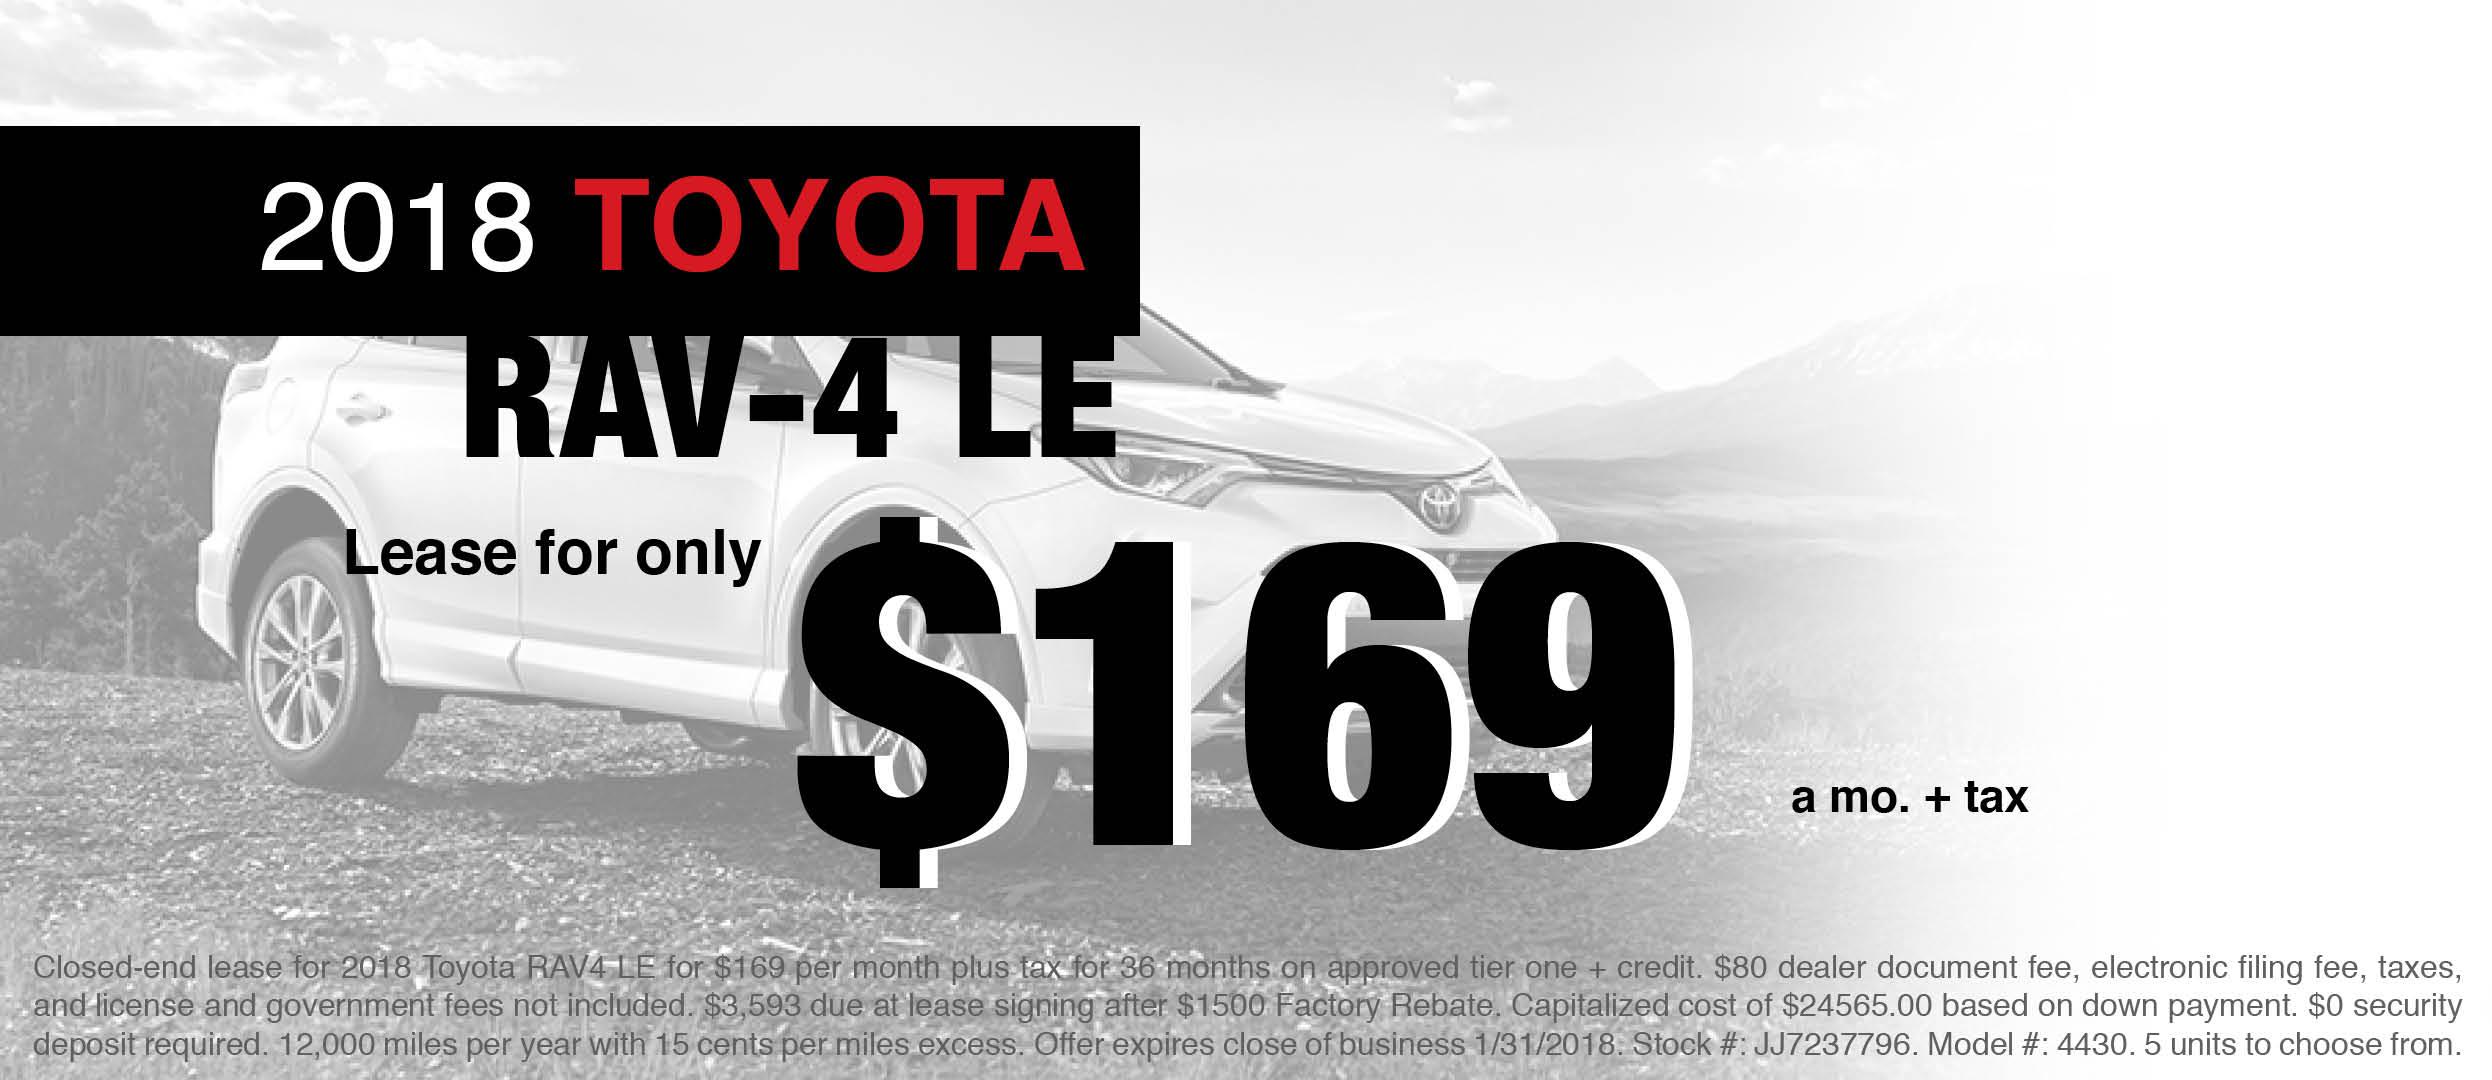 New 2018 Toyota RAV4 LE Lease Offer